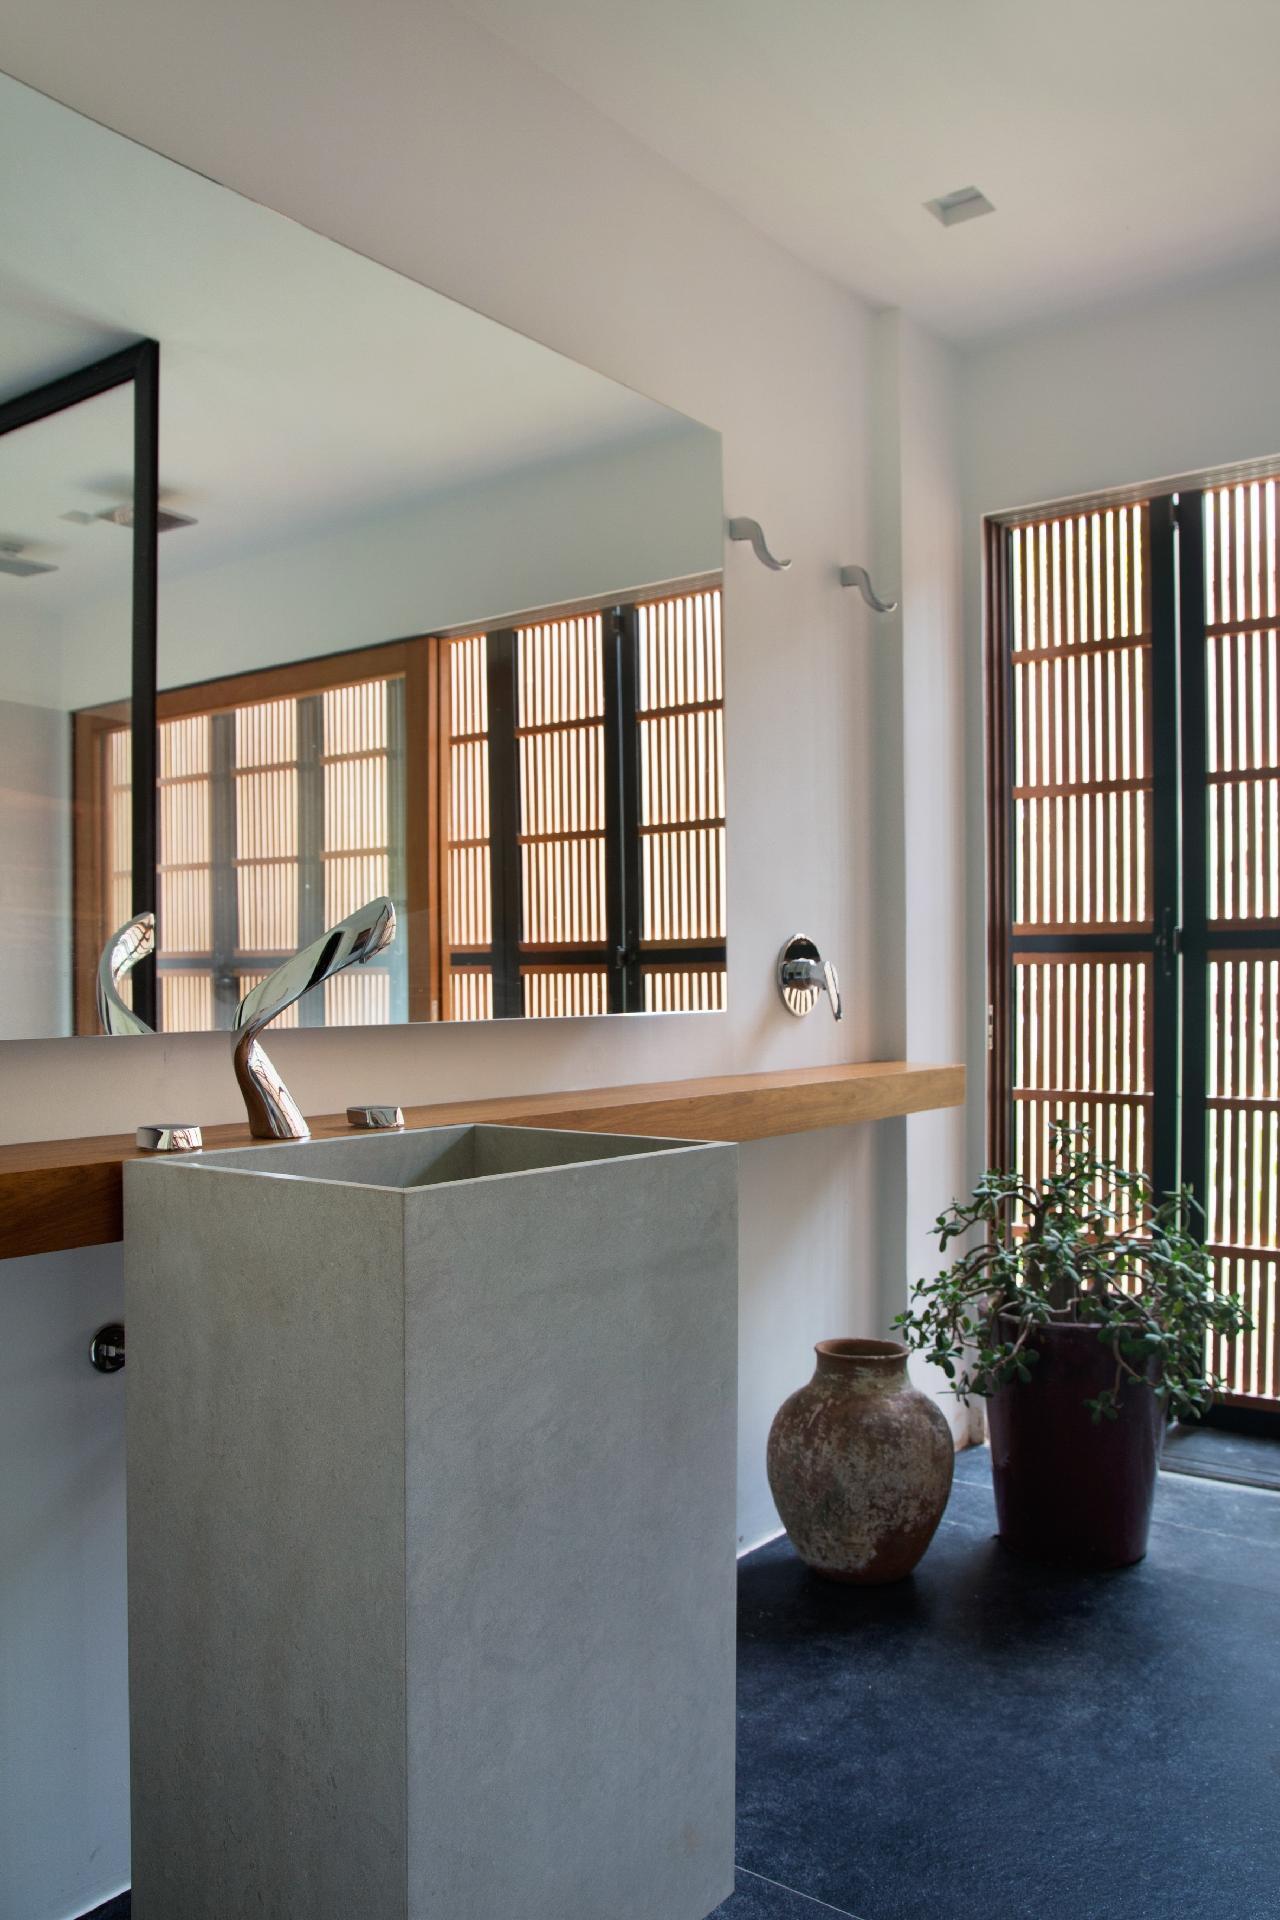 O banheiro social tem uma decoração leve e contemporânea. A bancada estreita de madeira acompanha uma cuba de piso, com aspecto cimentício. A casa de campo assinada pelo arquiteto Otto Felix fica em Campinas (SP)